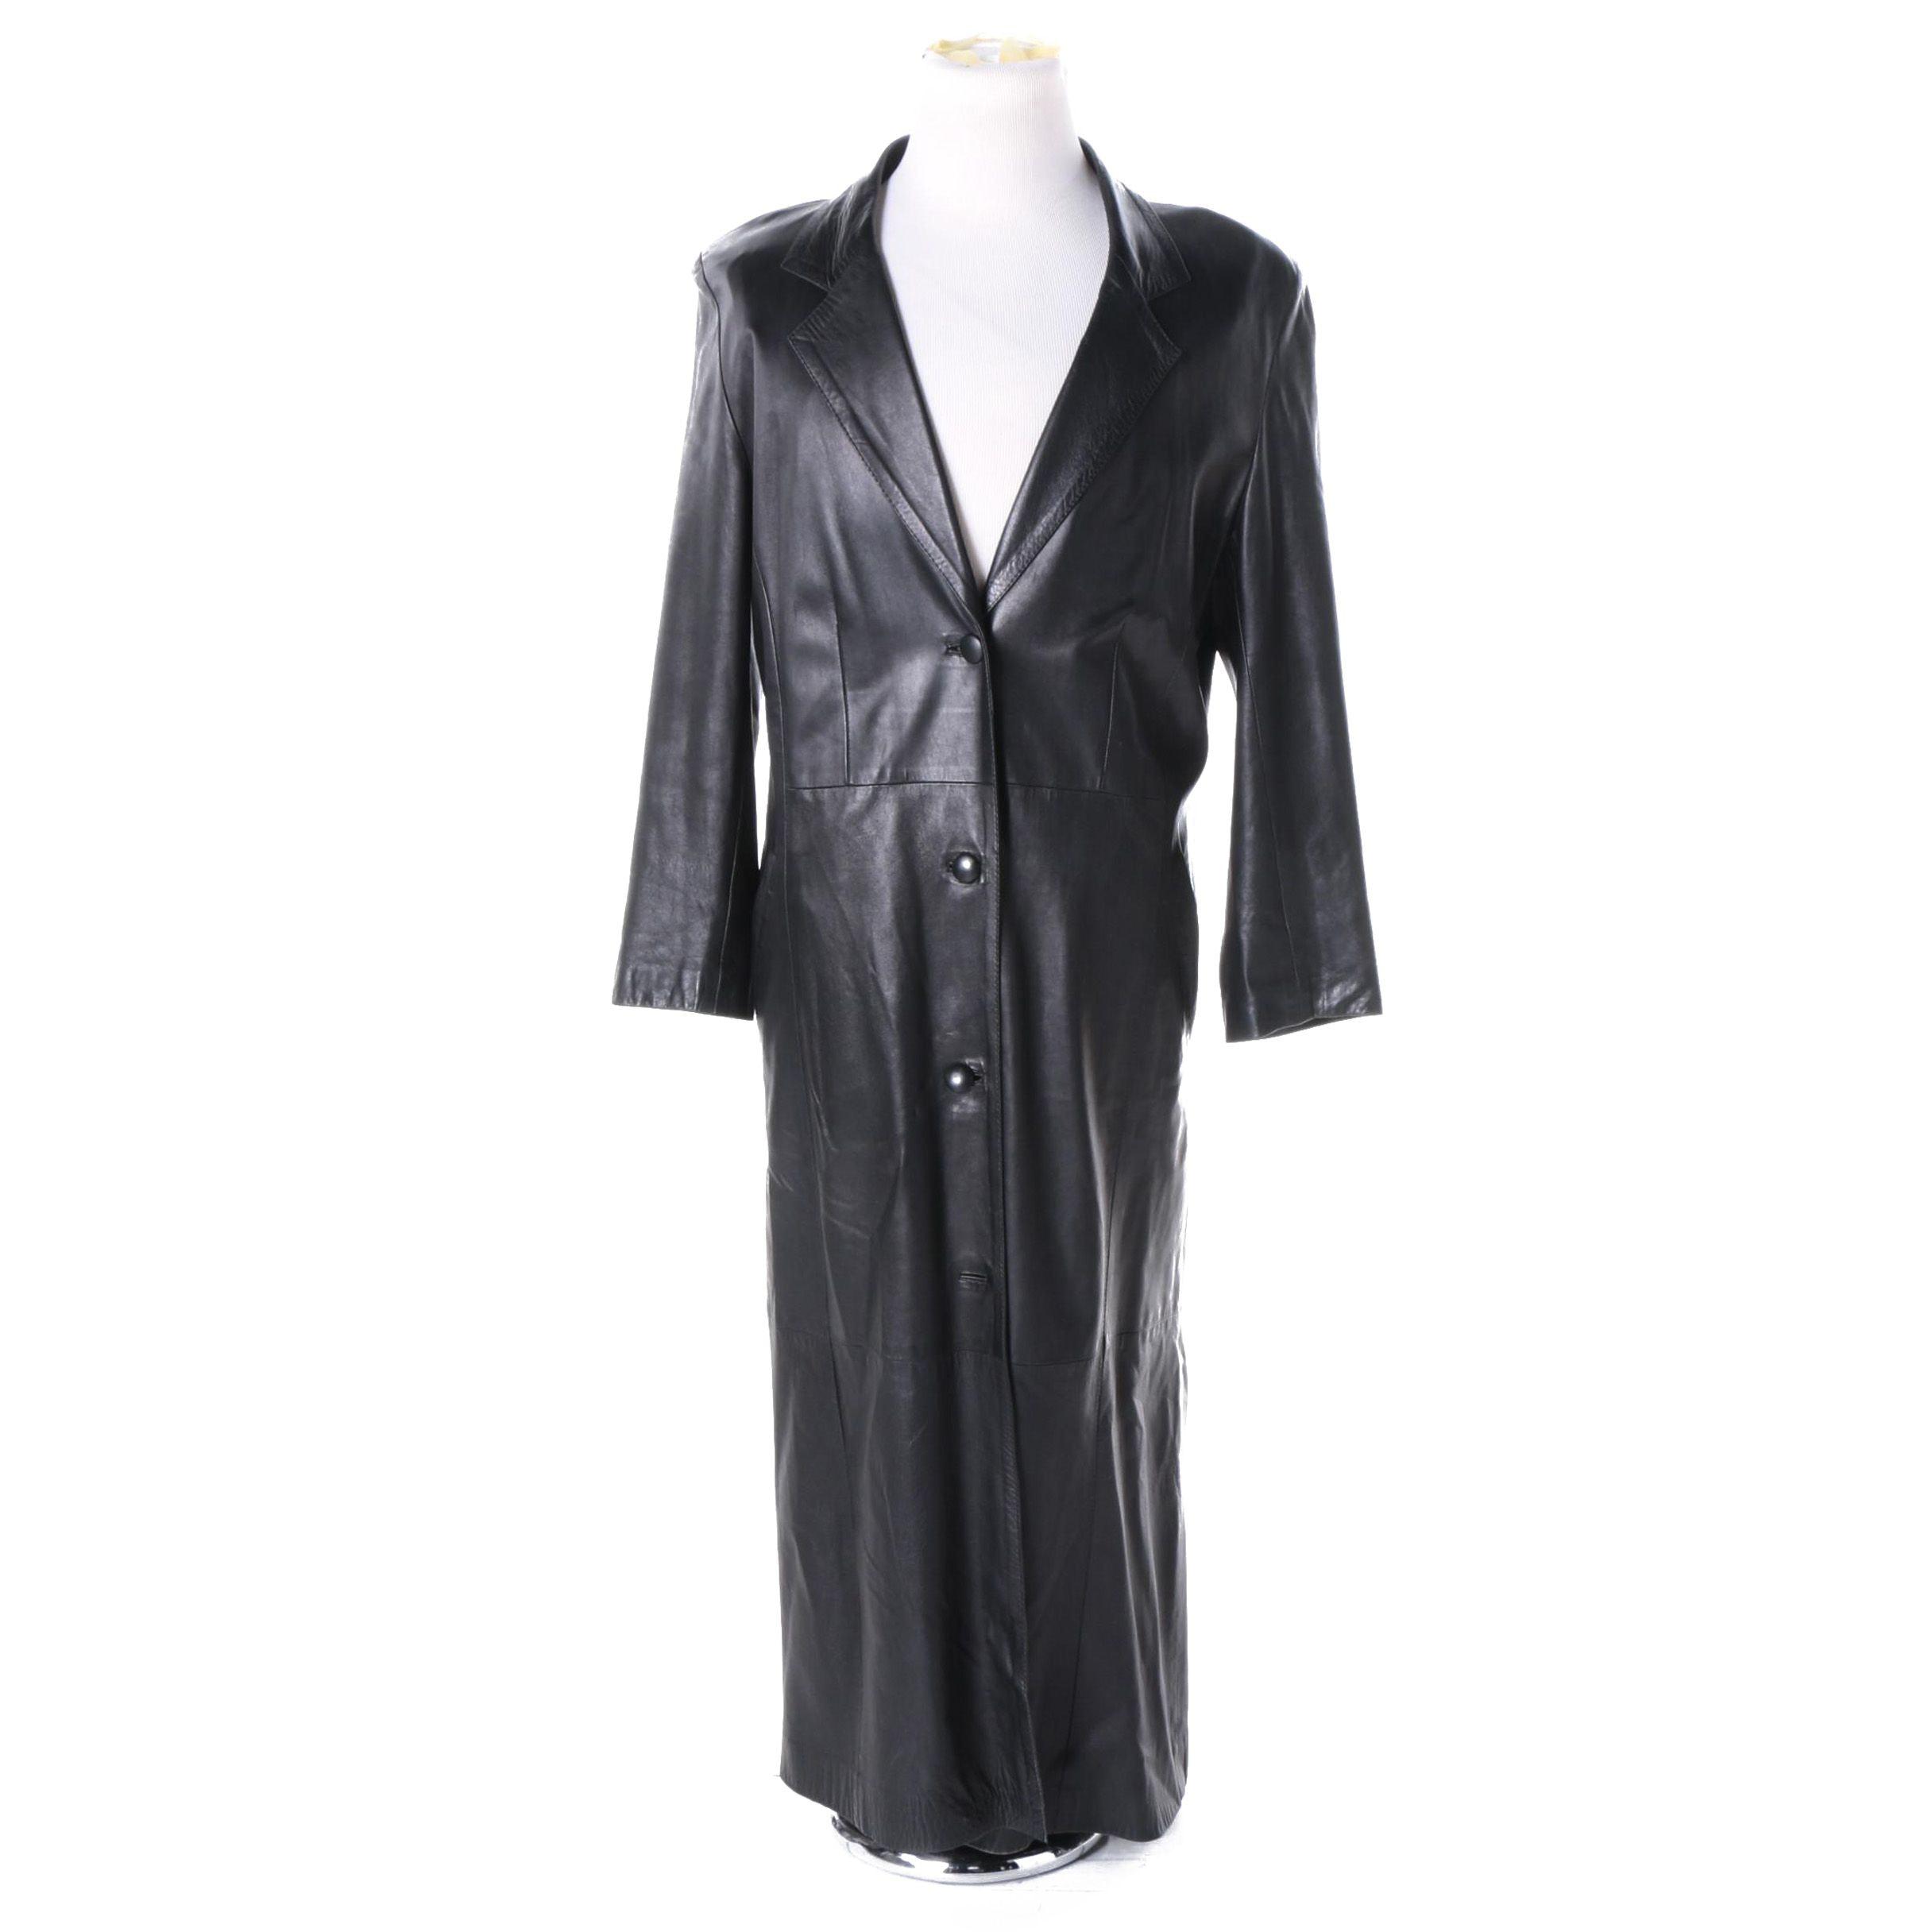 Women's Vintage Qzzi Black Leather Coat